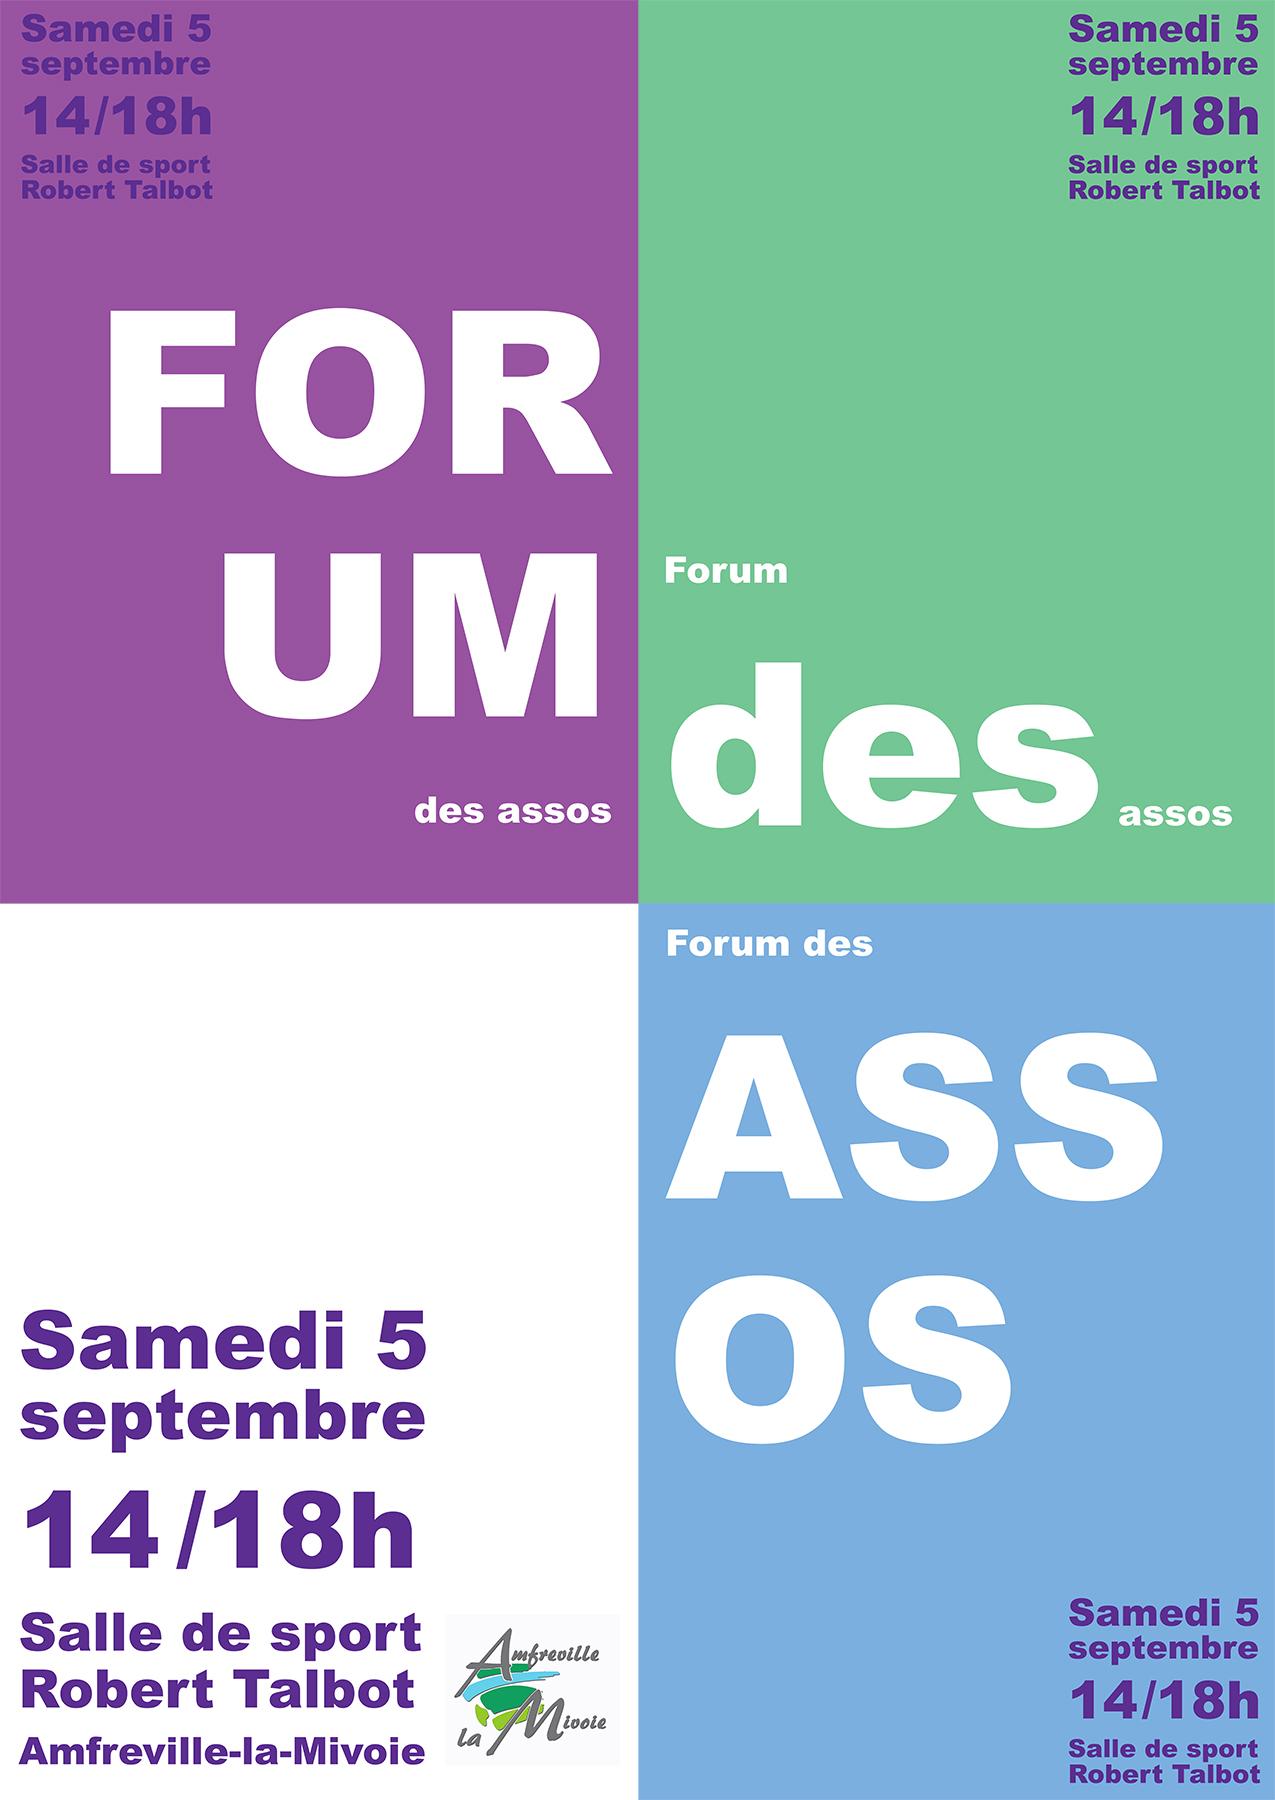 Affiche forum mauve